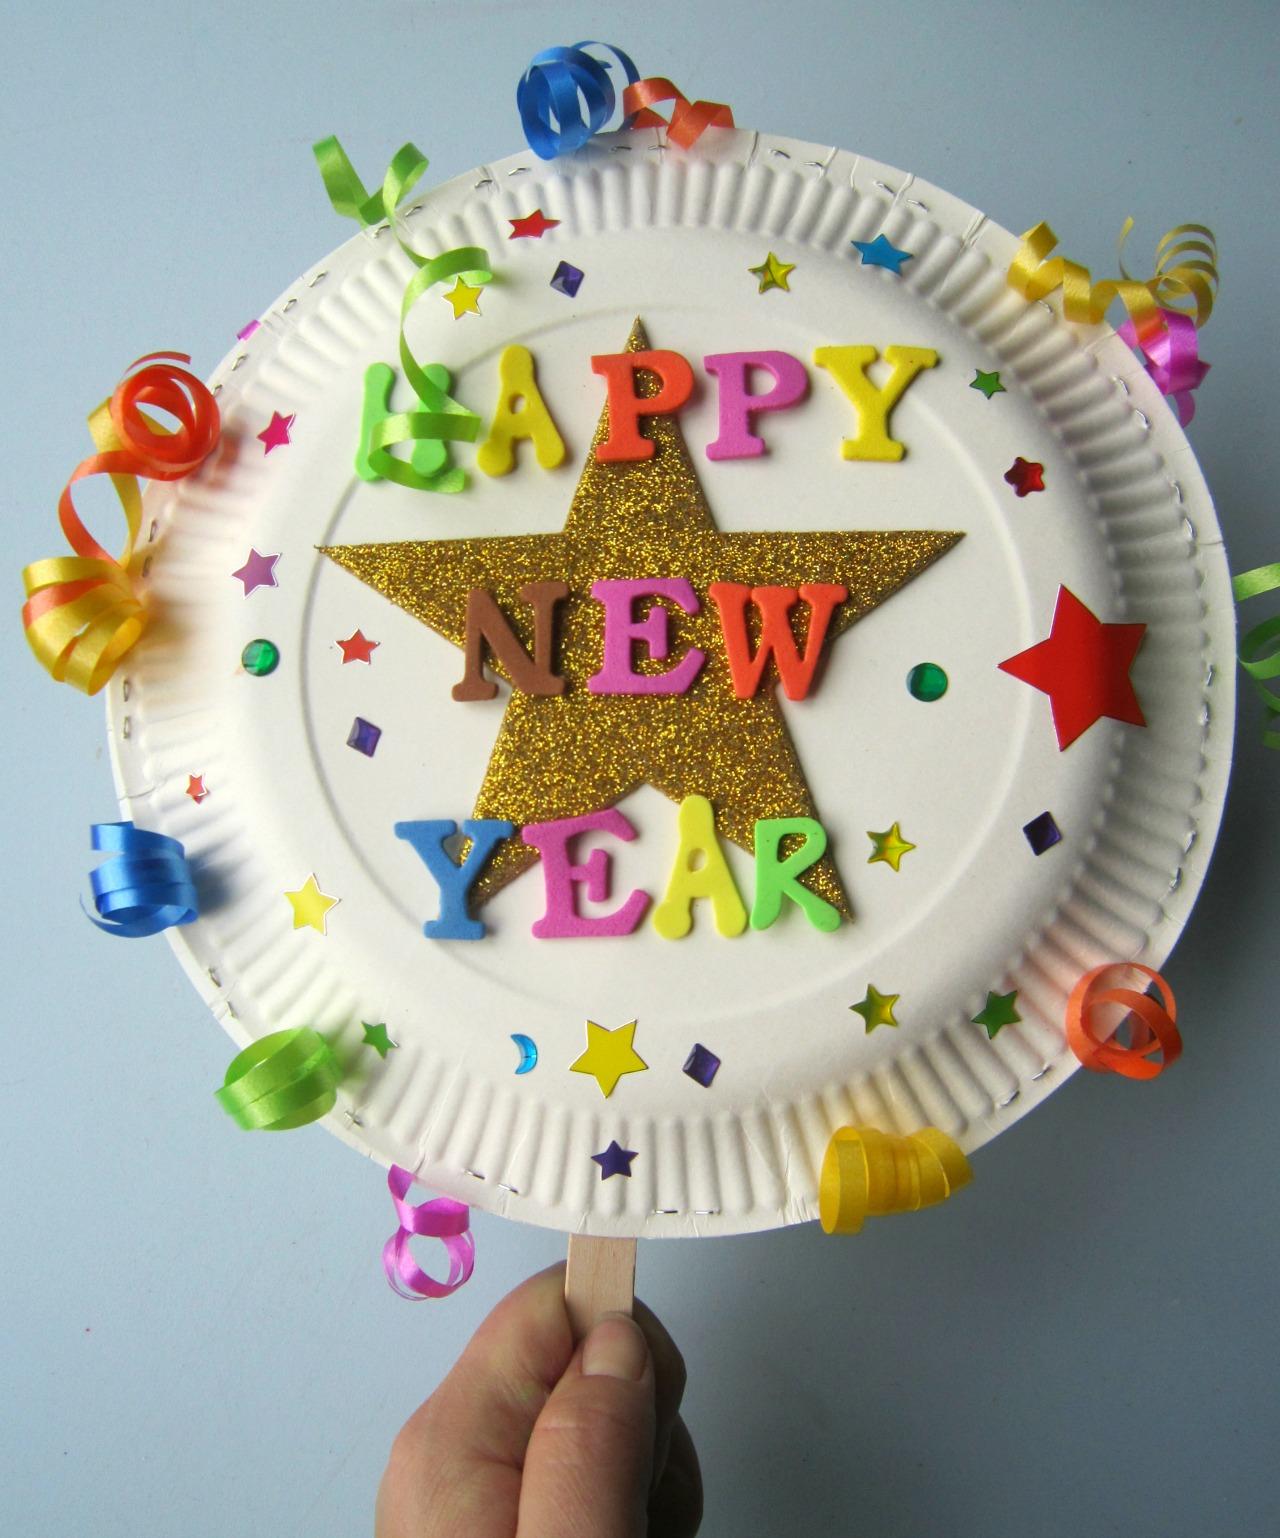 New Year's Eve Countdown Shaker